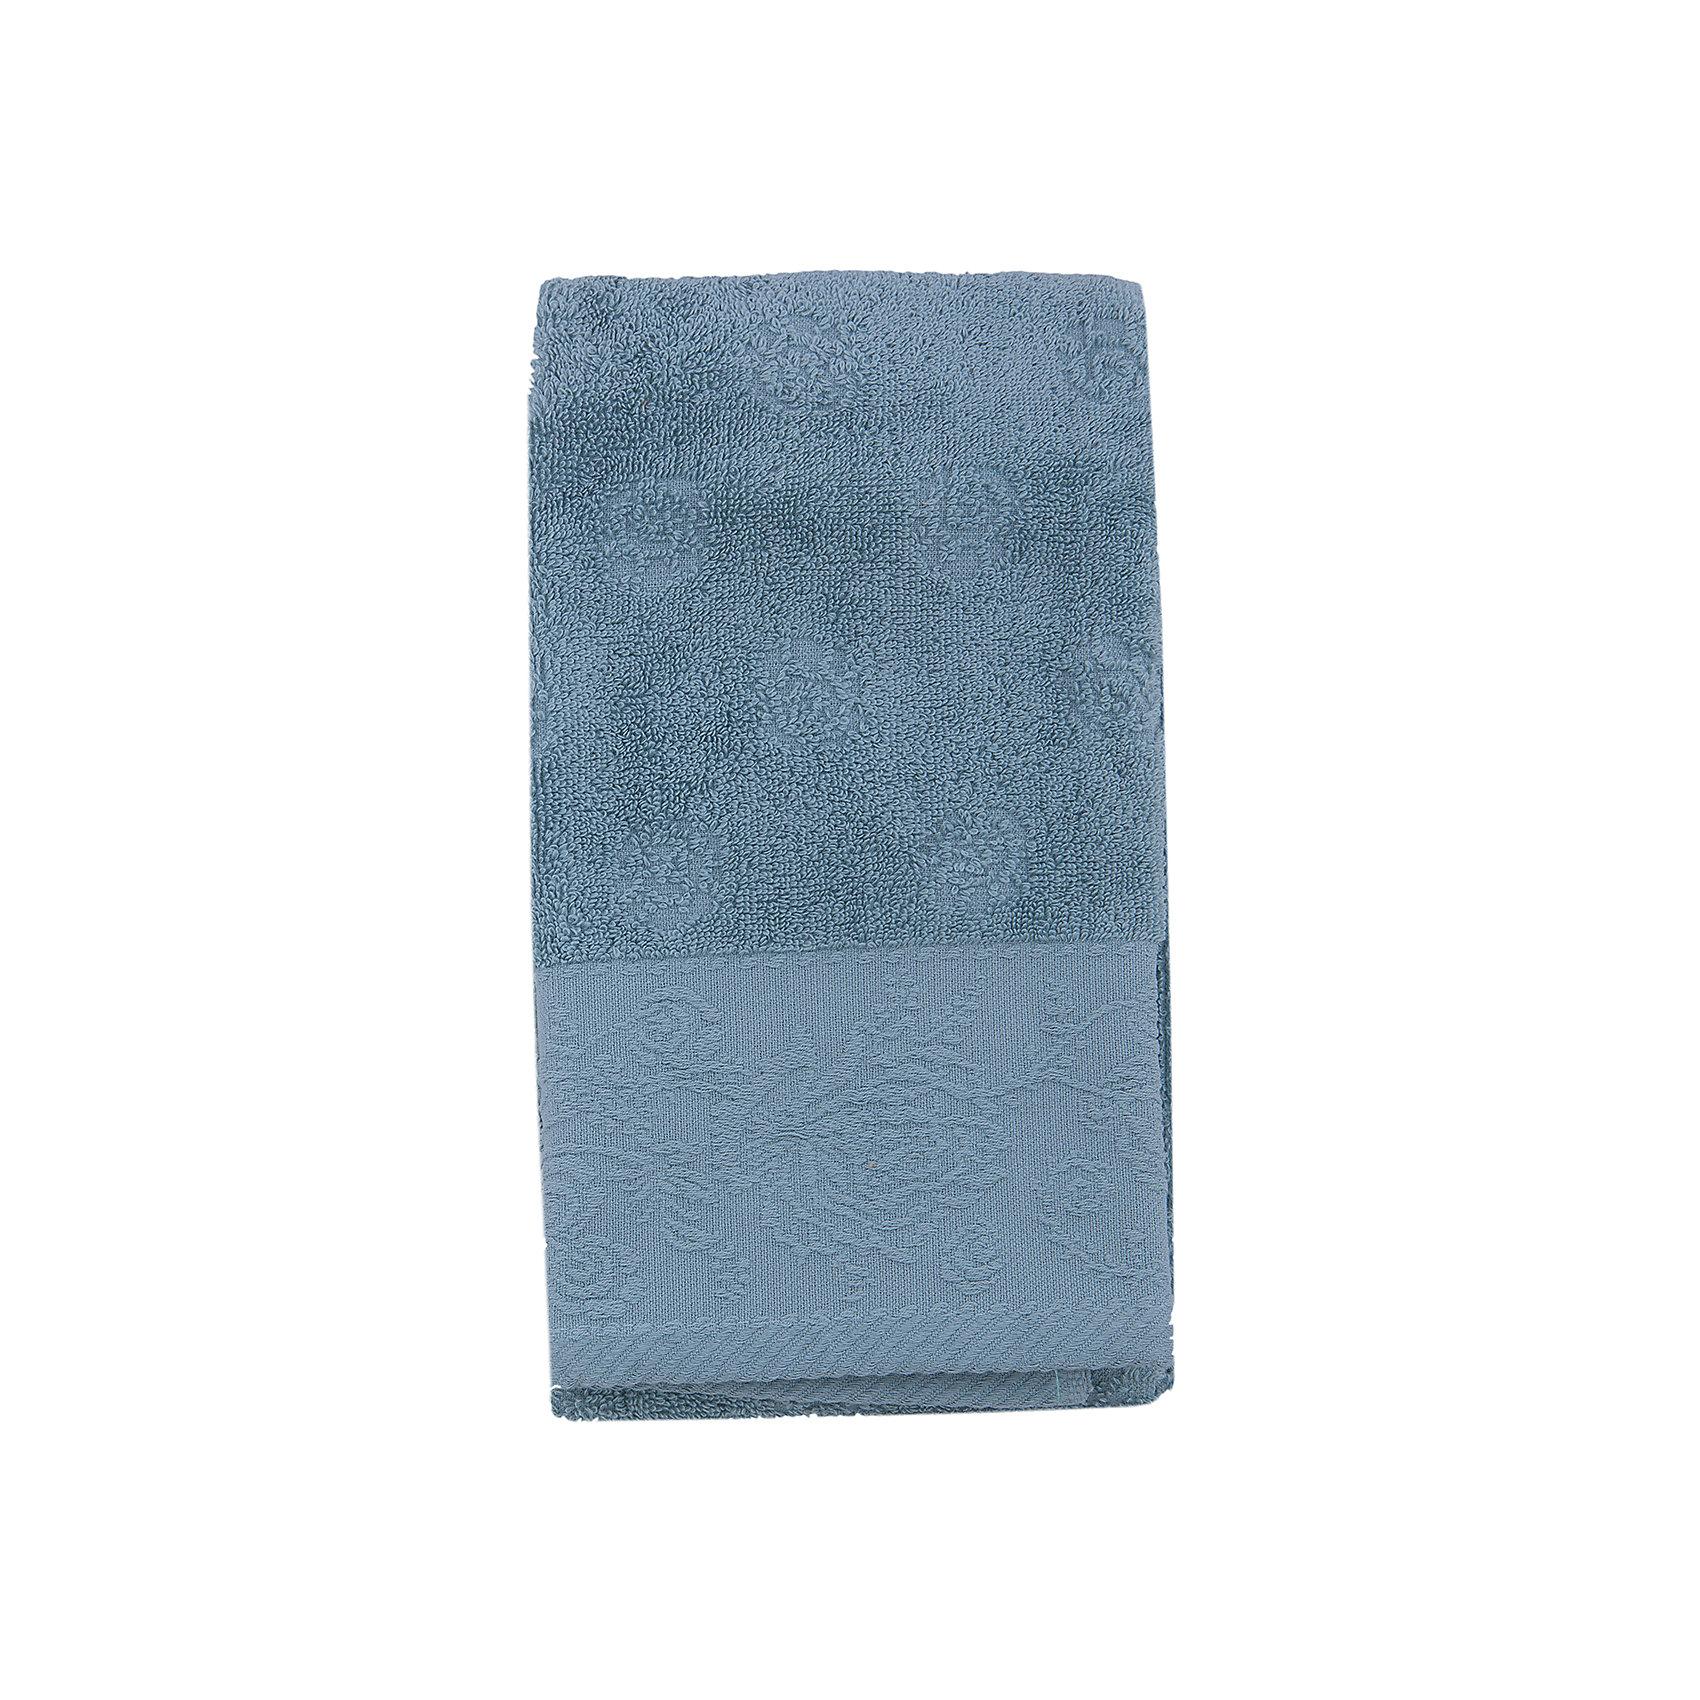 Полотенце MERRY махровое 50*90, TAC, серебряно-голубойХарактеристика: <br><br>- Материал: 100% хлопок.<br>- Размер: 50х90 см.<br>- Плотность: 430гр/м2.<br>- Цвет: серебряно-голубой.<br><br>Стильное и приятное на ощупь полотенце будут радовать Вас при каждом прикосновении!<br><br>Полотенце MERRY махровое, можно купить в нашем магазине.<br><br>Ширина мм: 170<br>Глубина мм: 40<br>Высота мм: 300<br>Вес г: 300<br>Возраст от месяцев: 0<br>Возраст до месяцев: 84<br>Пол: Мужской<br>Возраст: Детский<br>SKU: 5124086